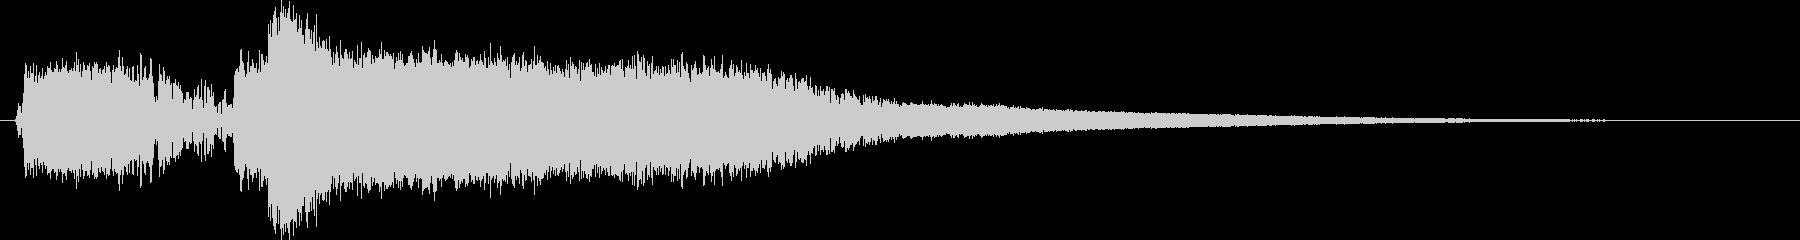 モンスターの鳴き声(ギャース1)の未再生の波形